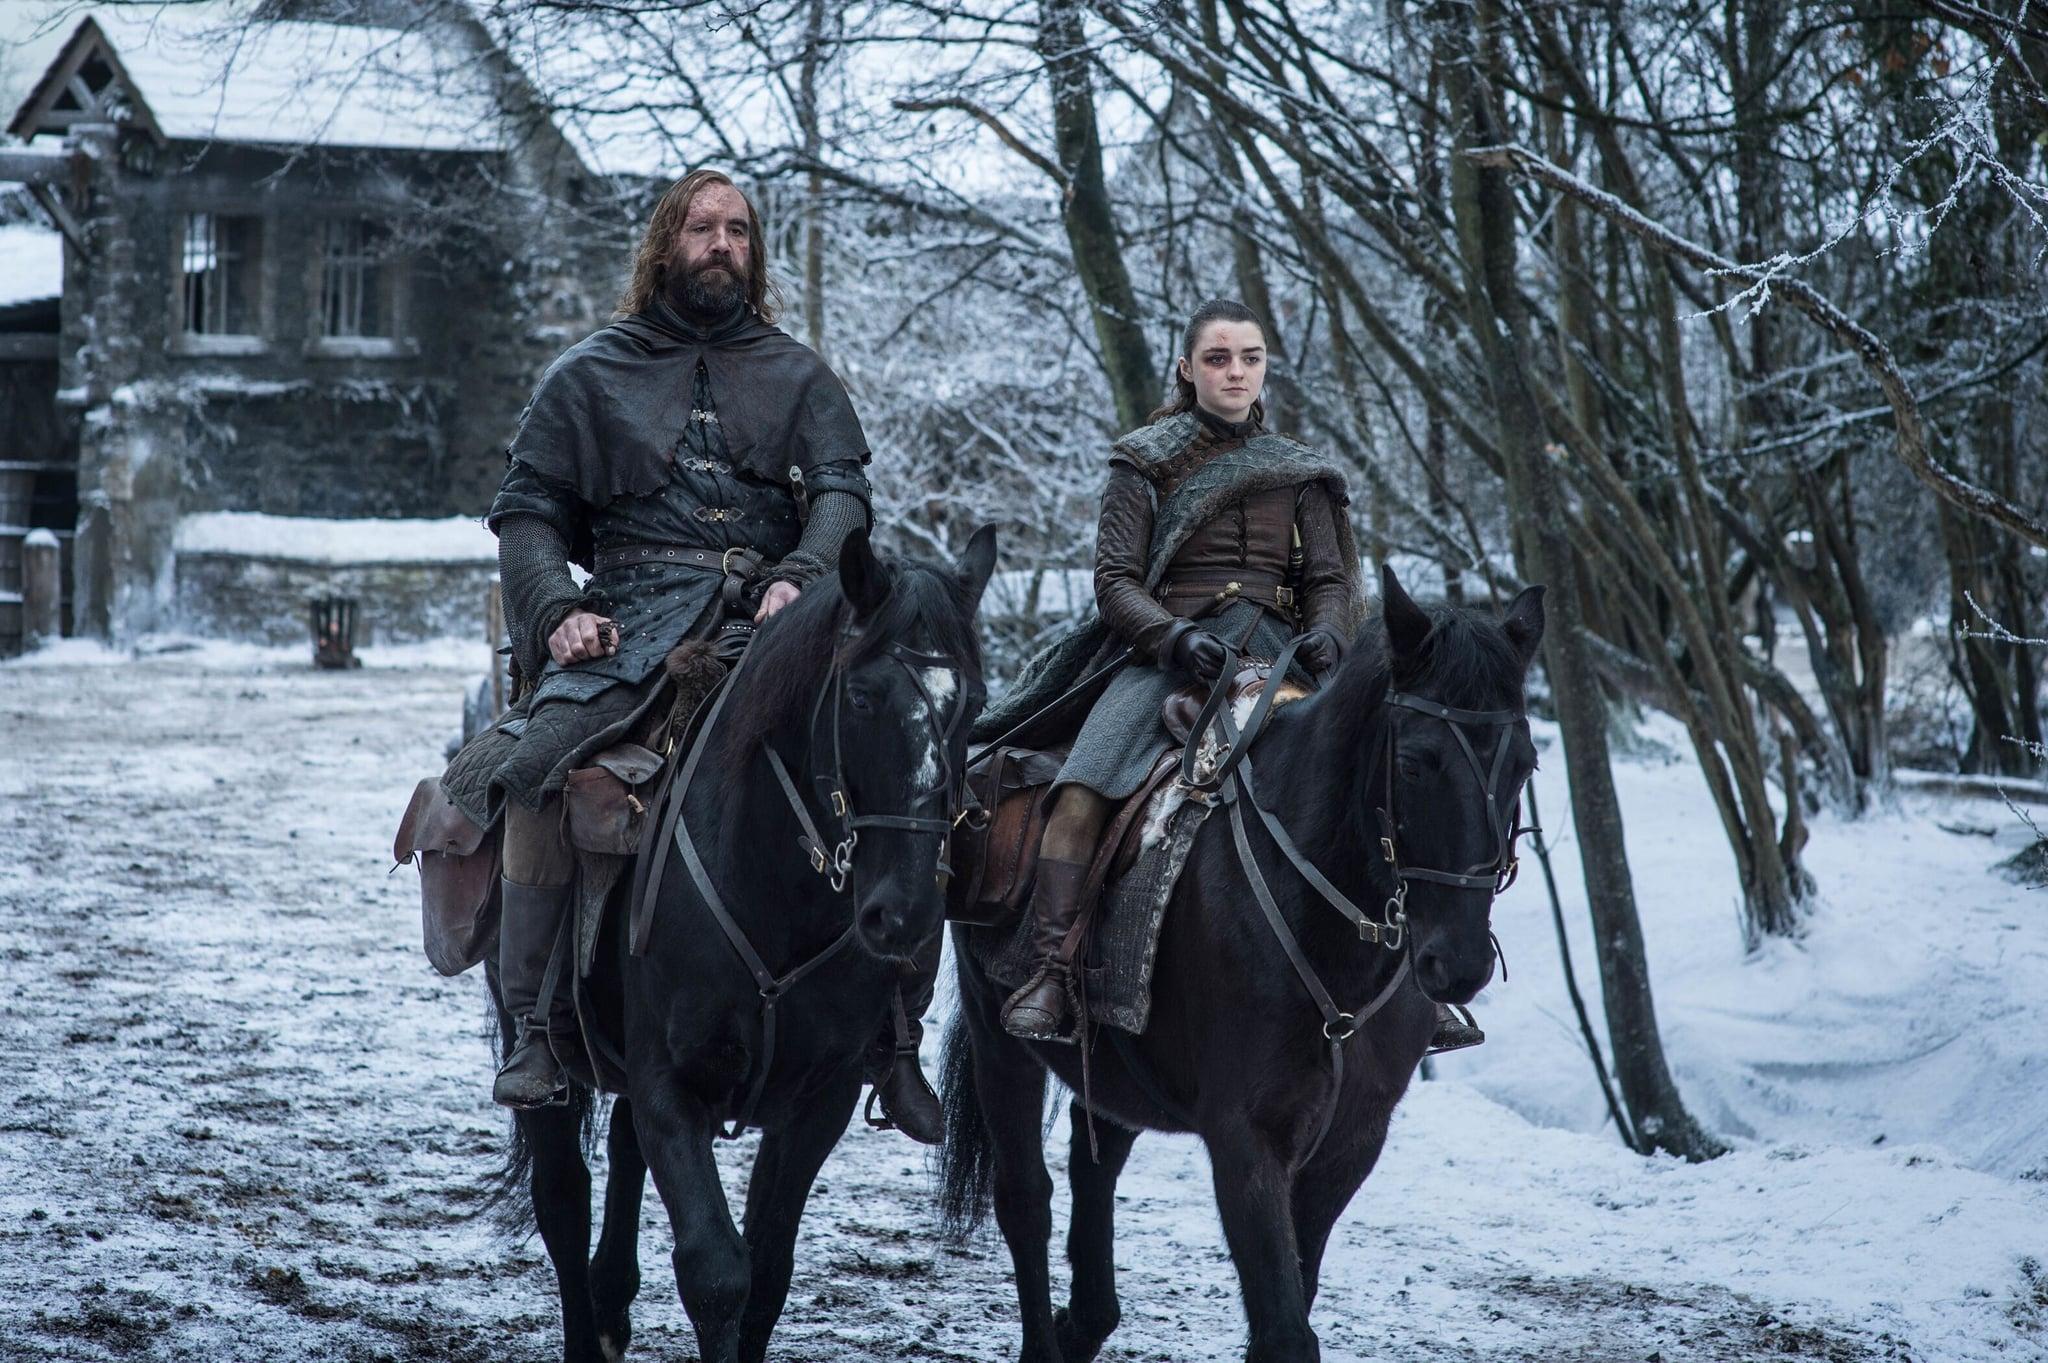 Sandor-Clegane-Arya-Stark